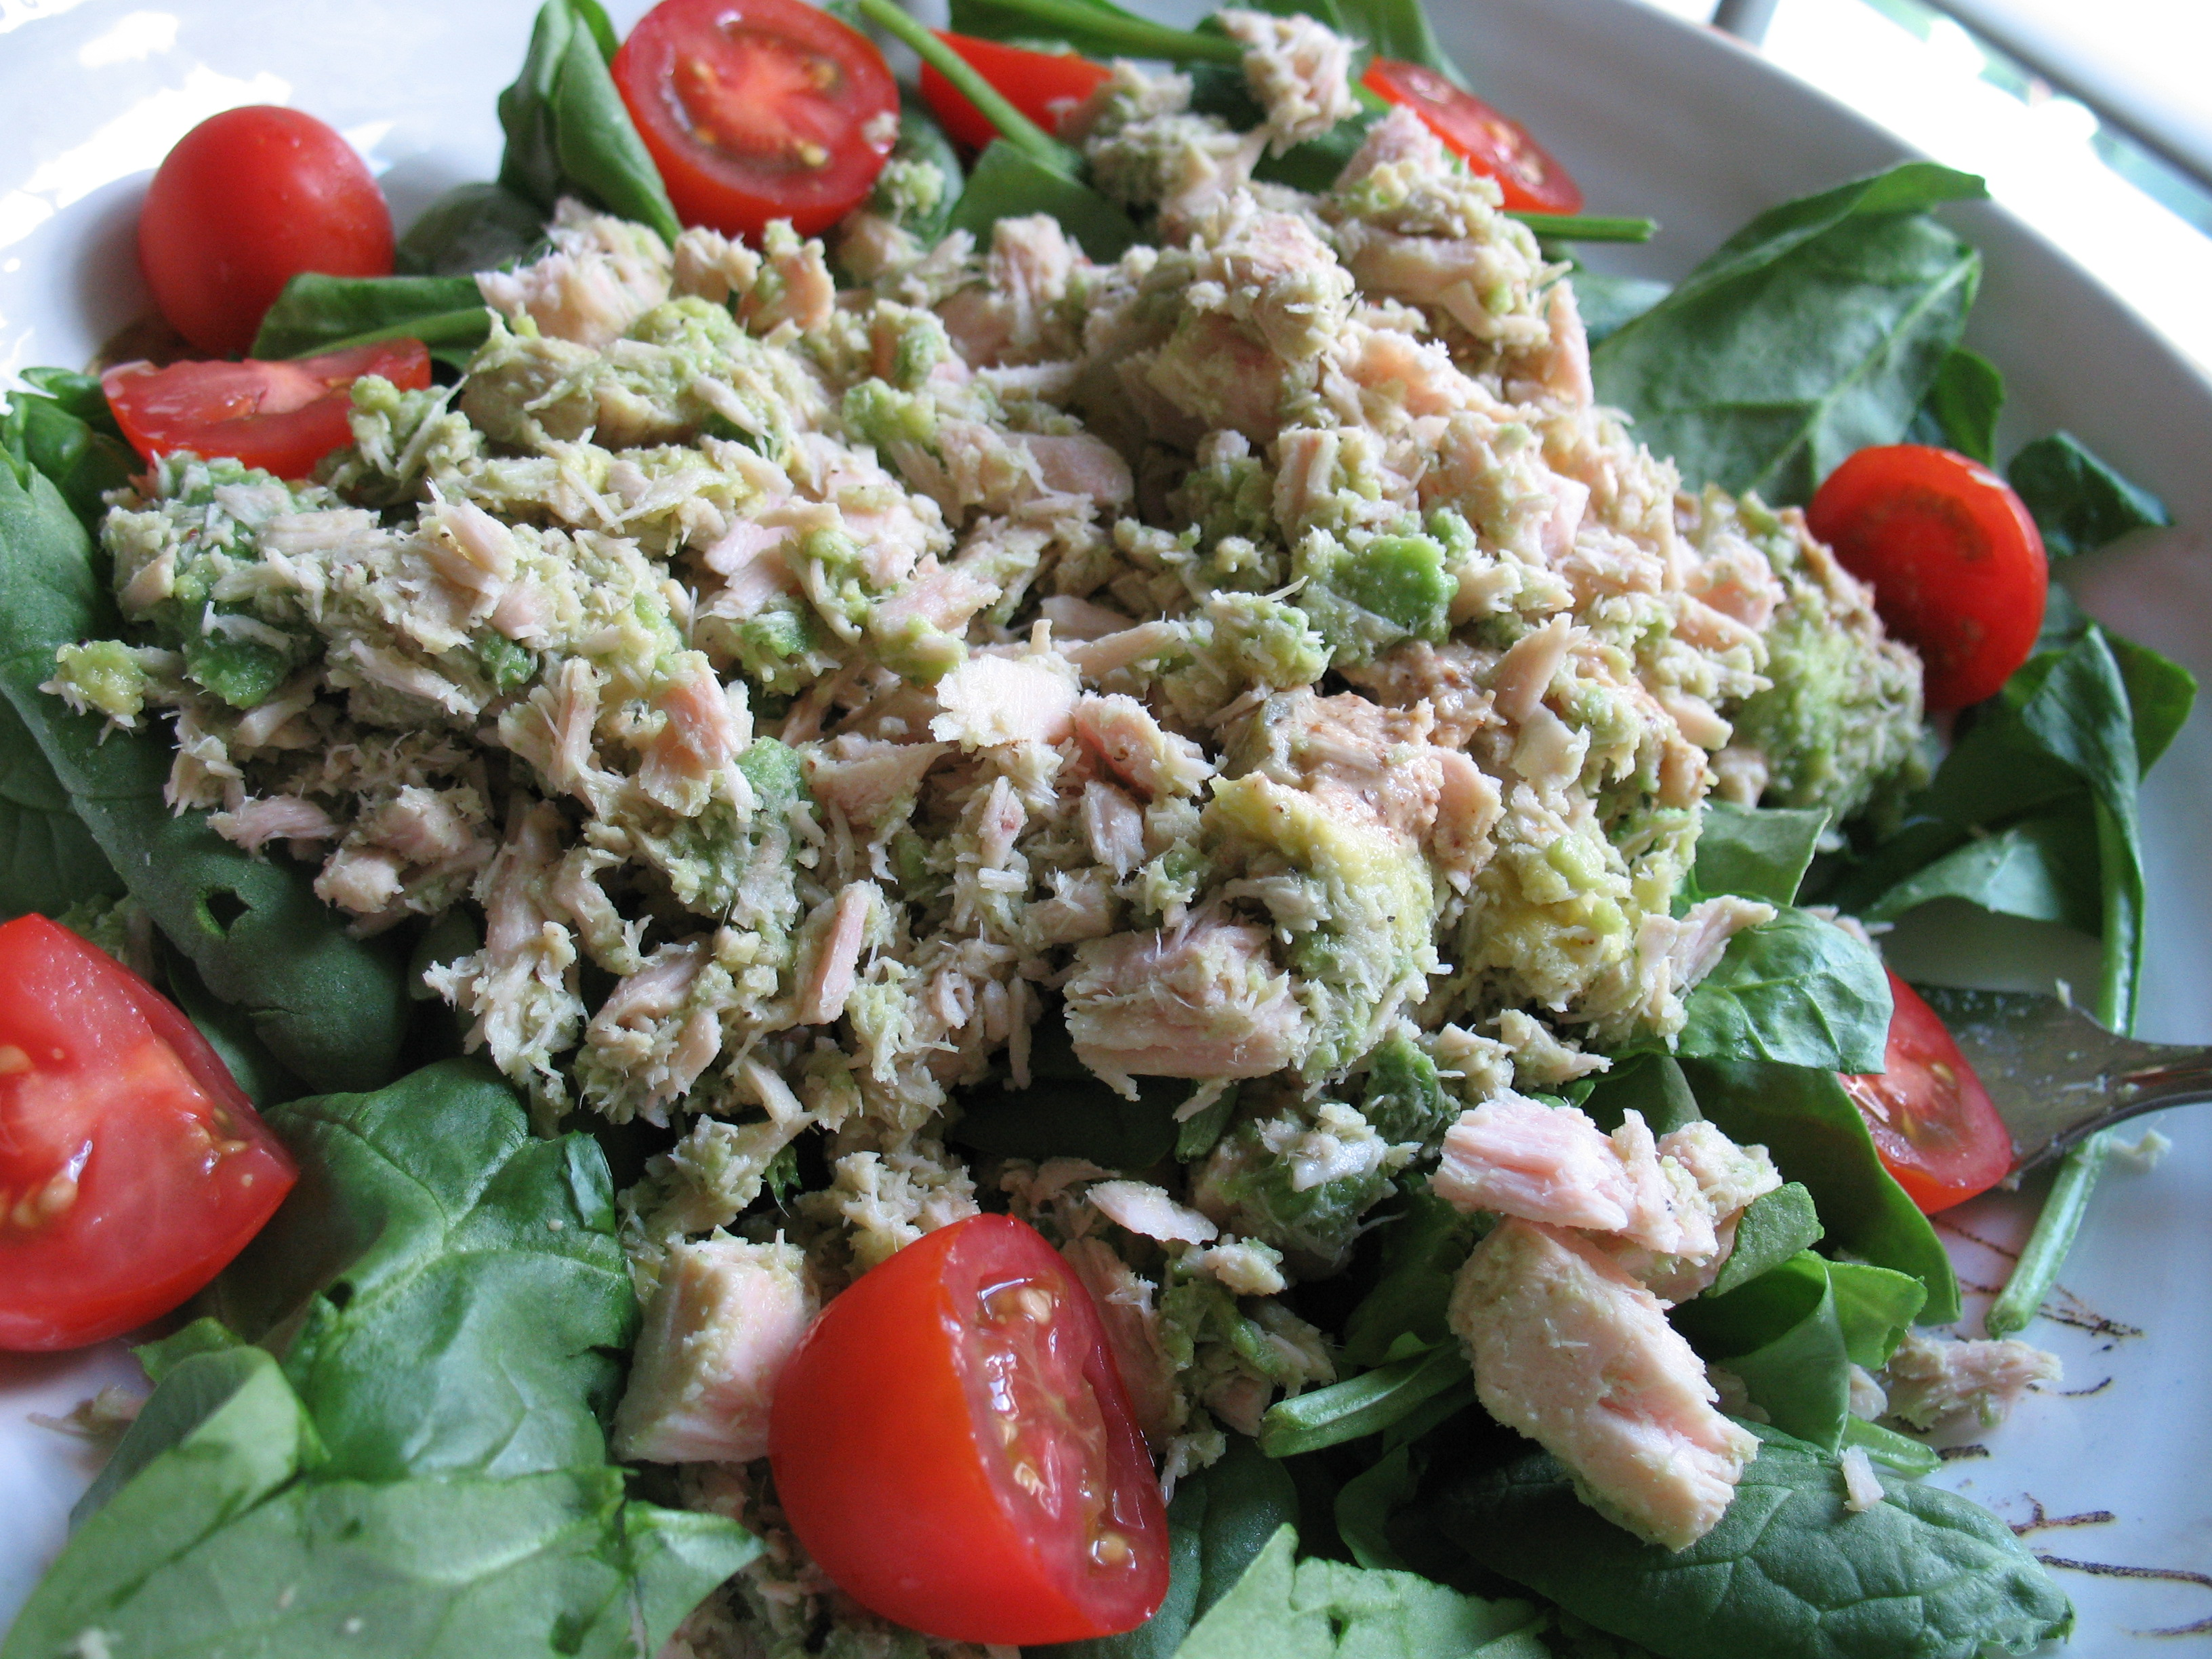 A Polly Salad